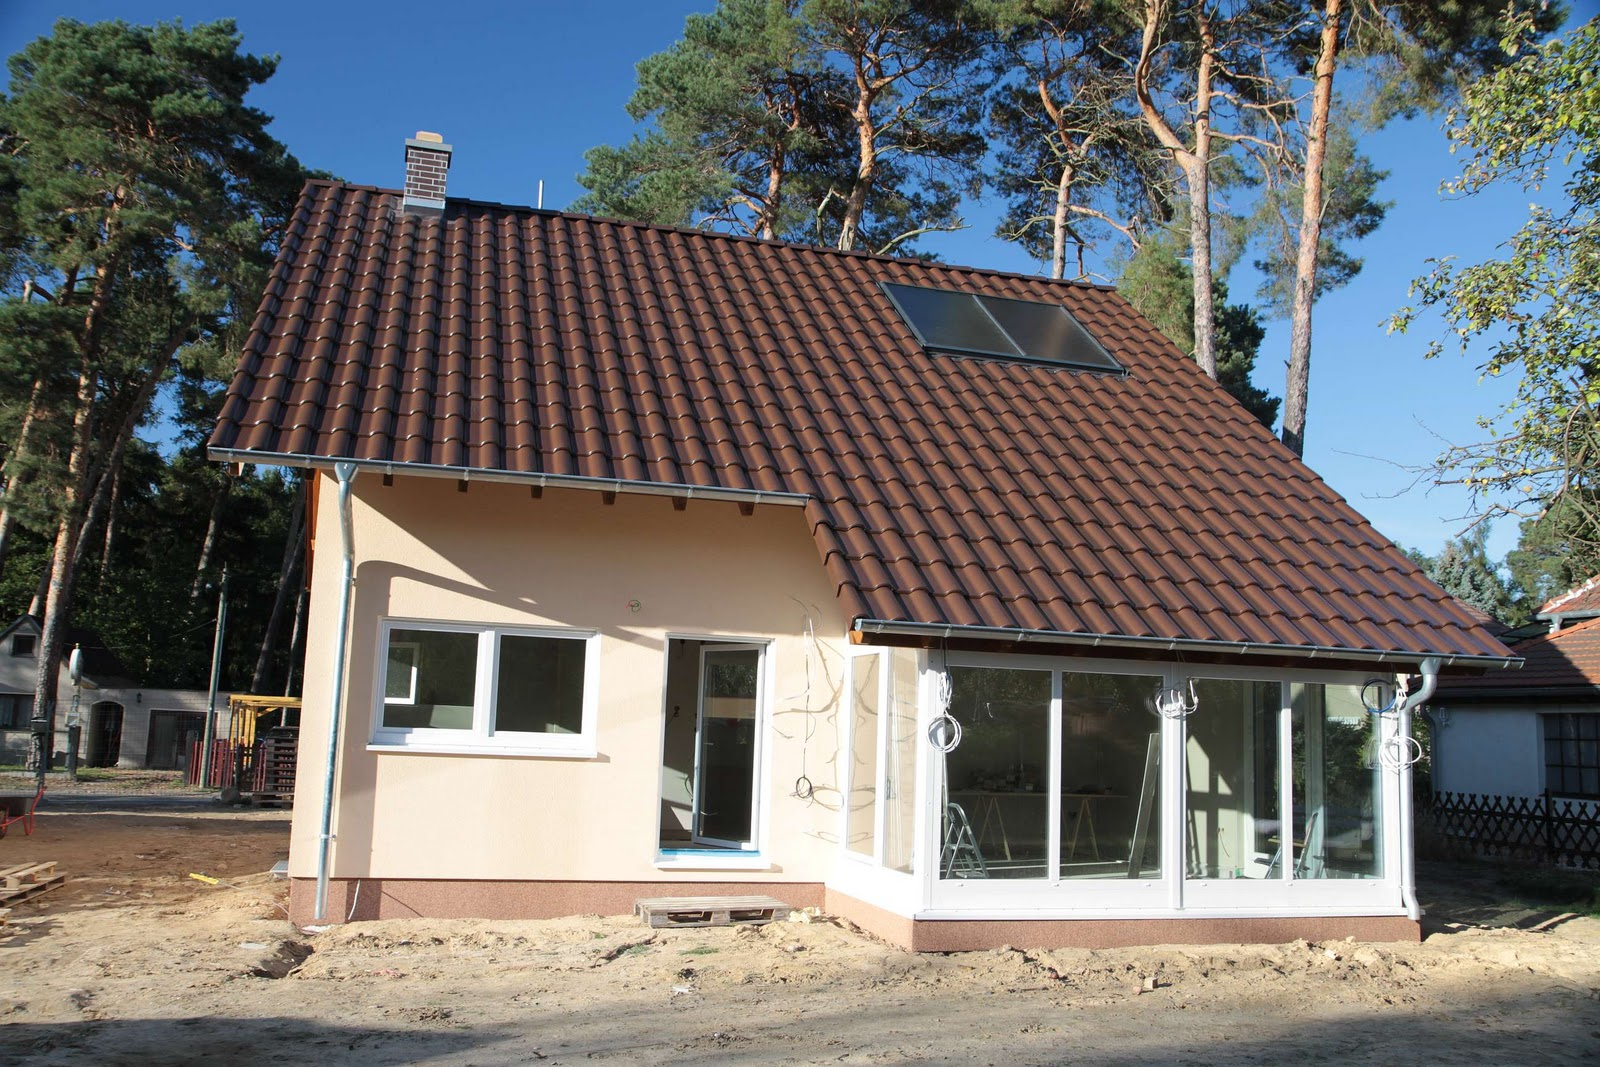 Fingerhaus vio 200  Unser Bauvorhaben in Wildau: Oktober 2011